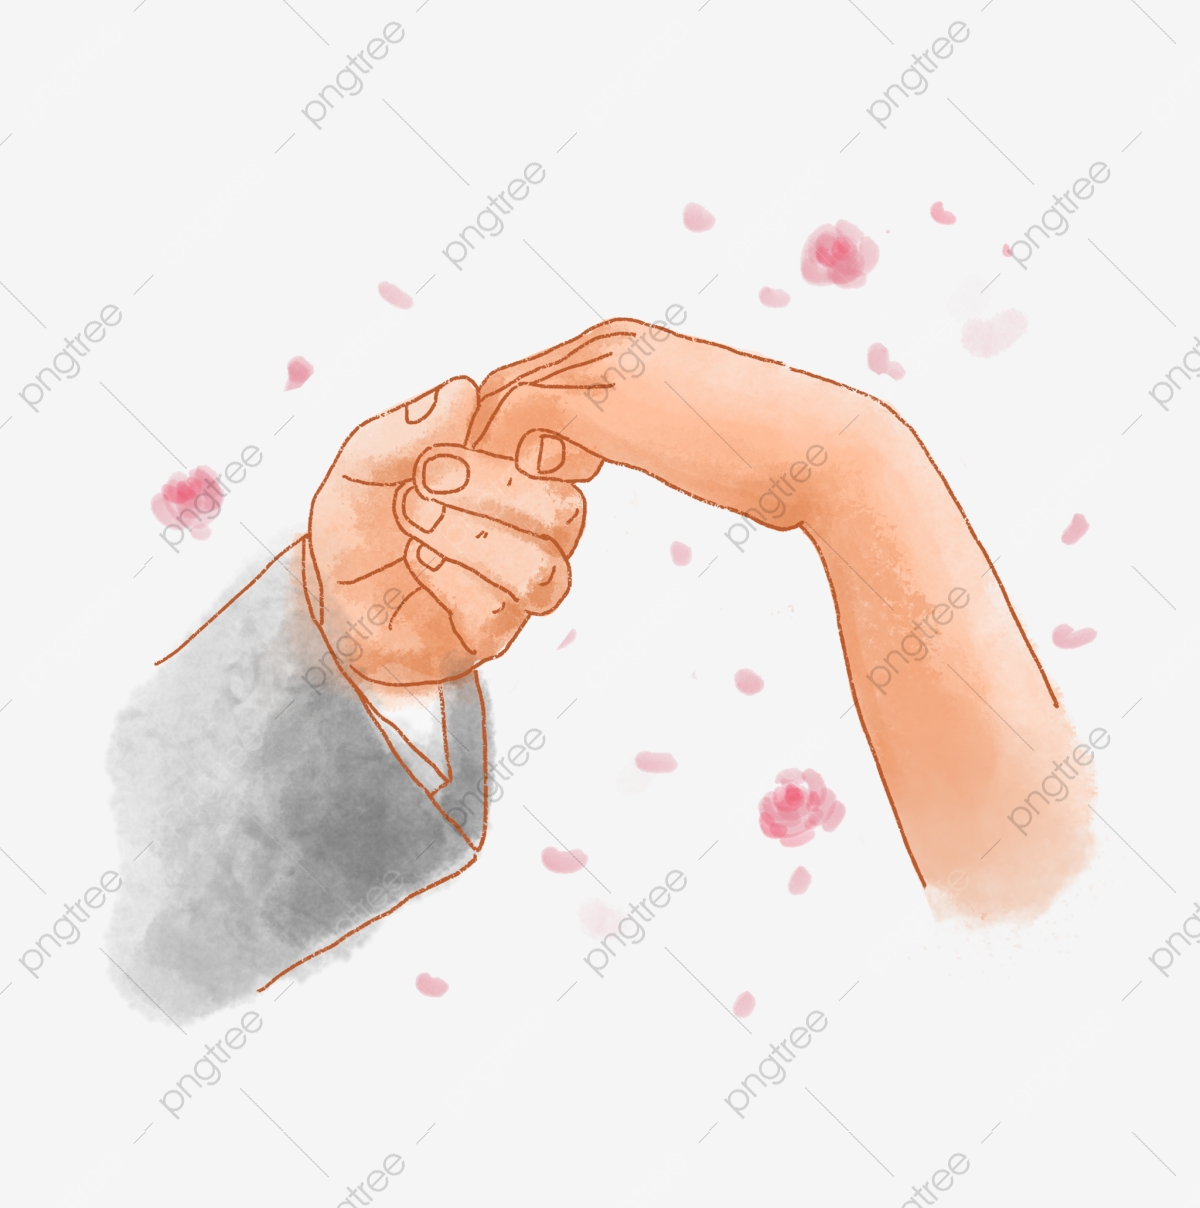 Romantic hand in png. Handshake clipart wedding